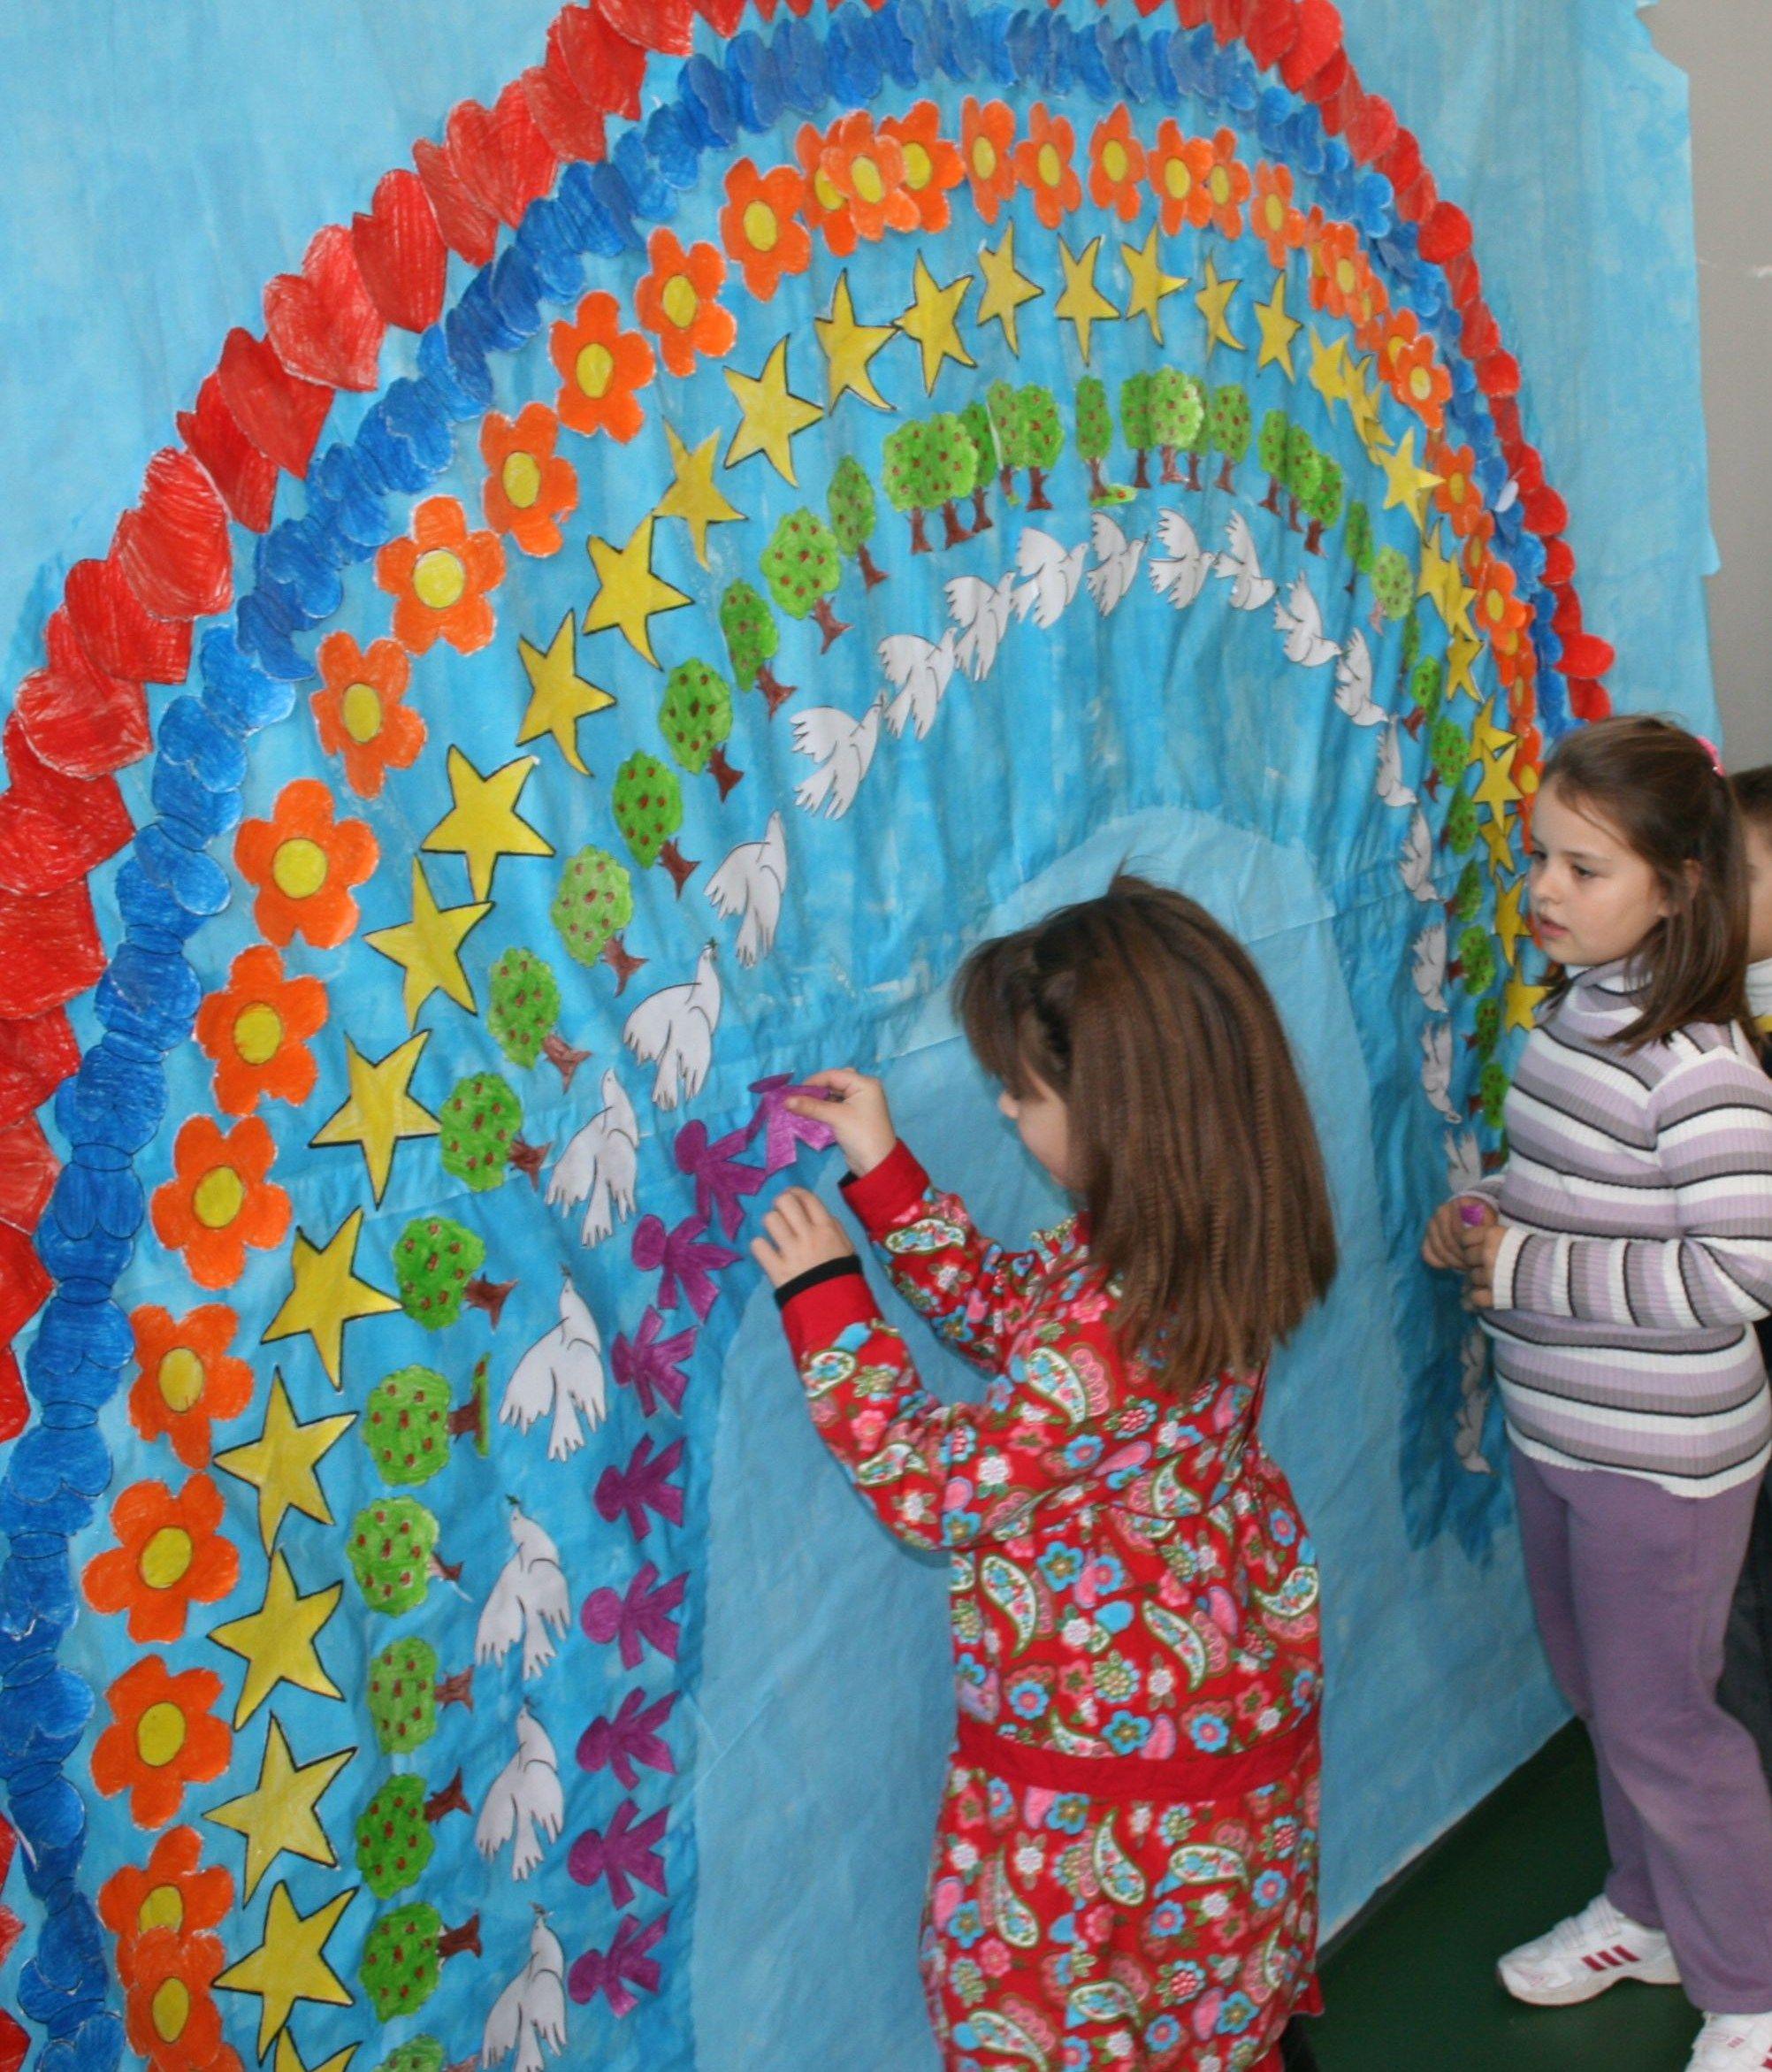 C m hacer un mural colectivo de la paz la paz for Arte colectivo mural